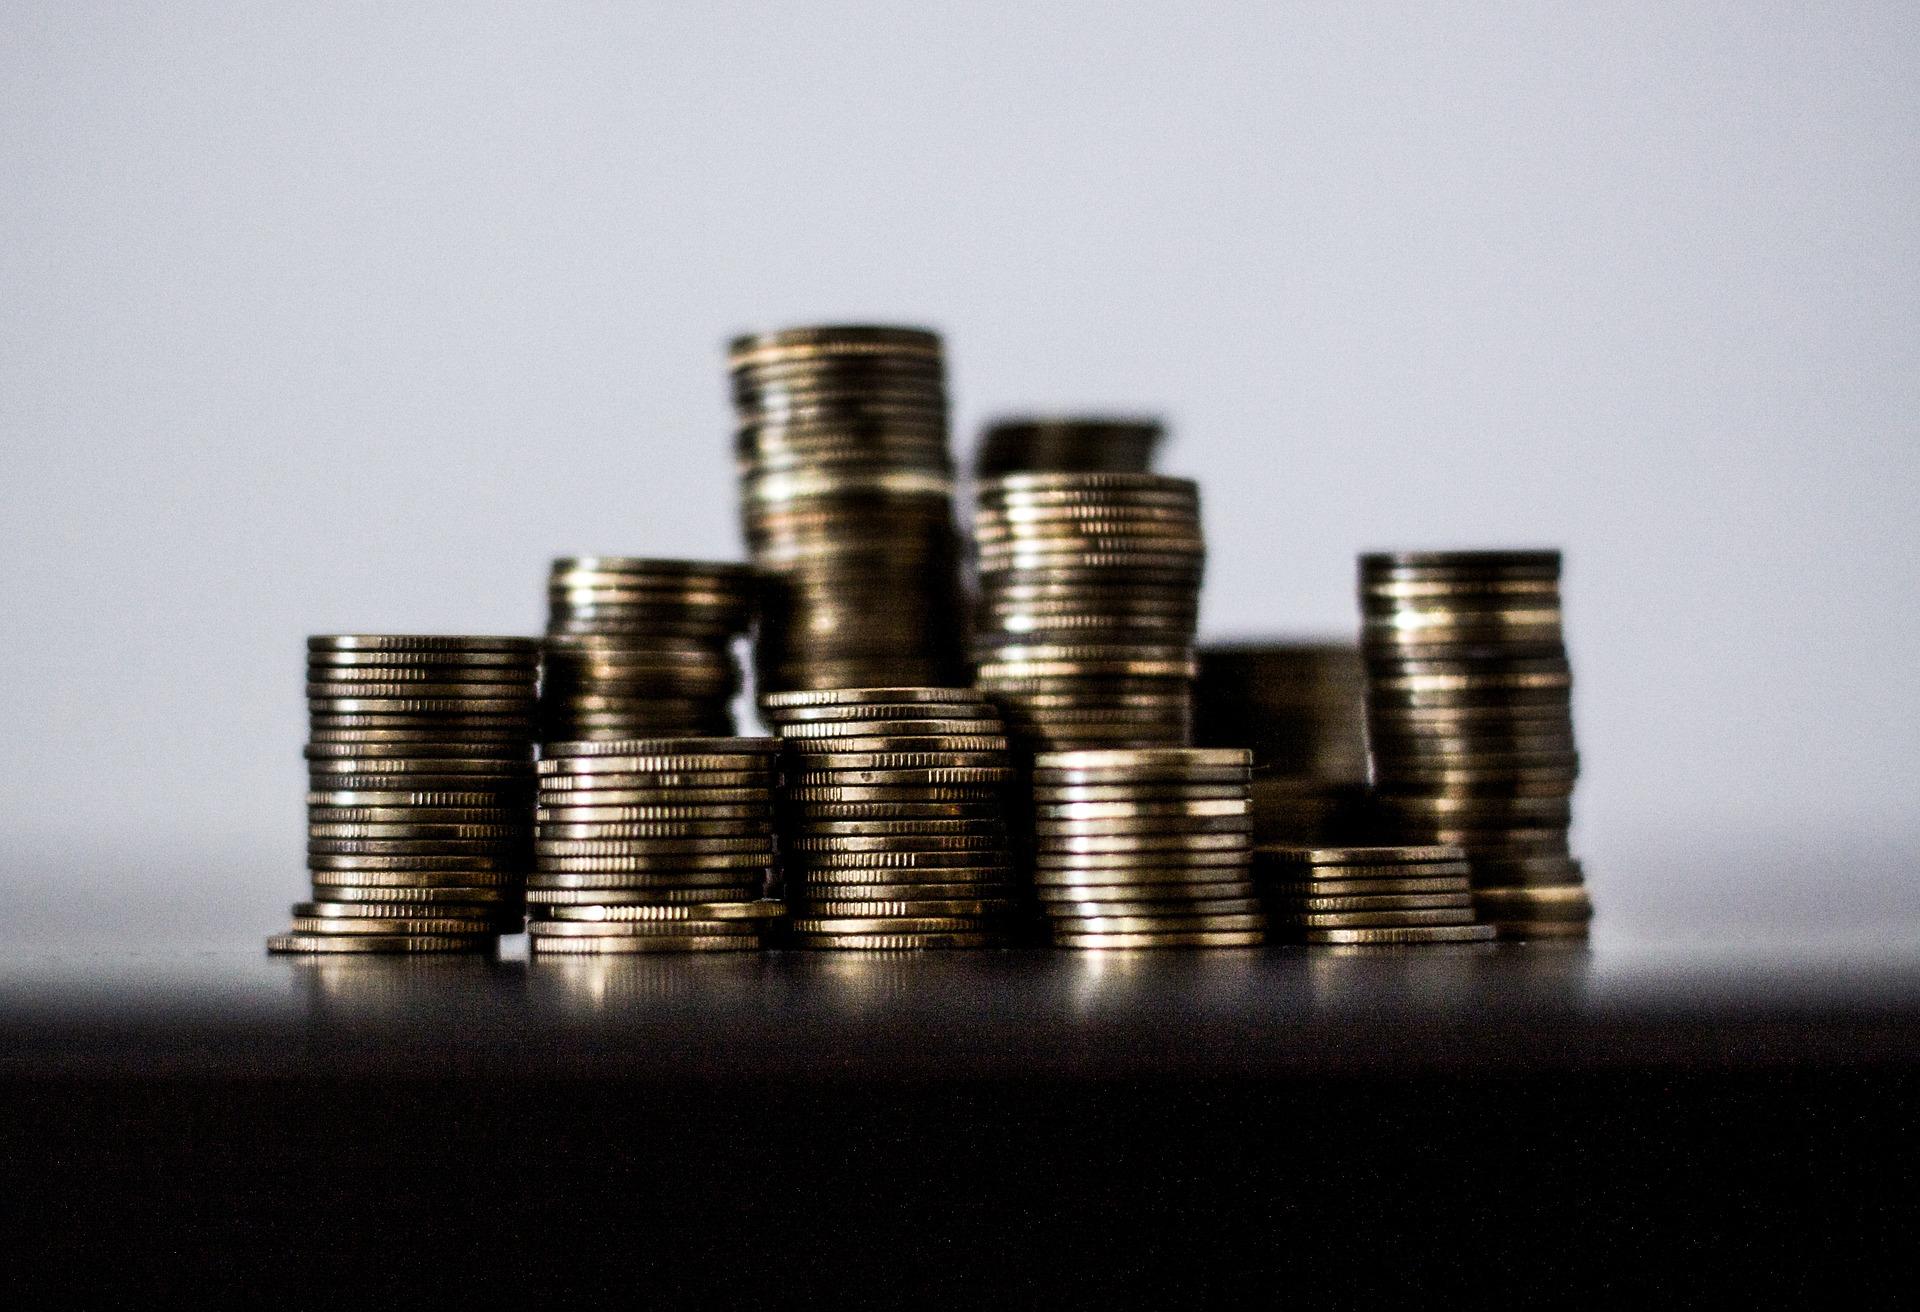 Близо 84 милиарда лева са платени през RINGS през февруари